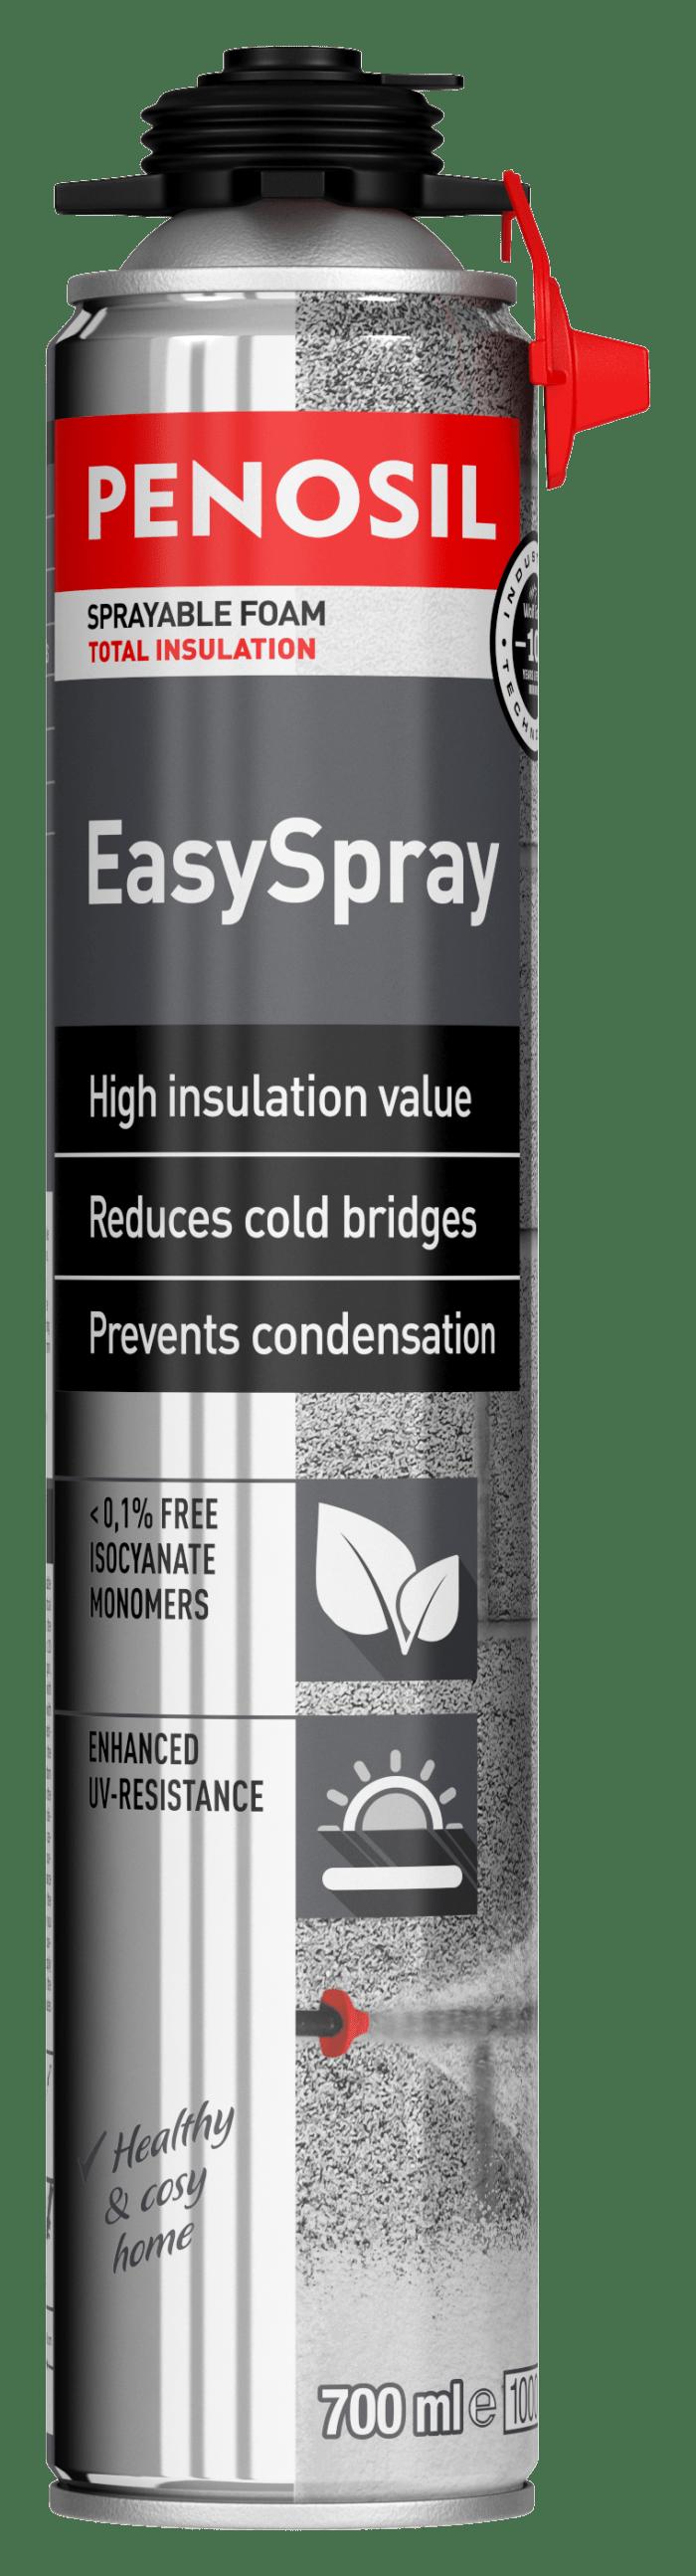 Penosil EasySpray foam sealant with unique spray applicator - EasyPRO